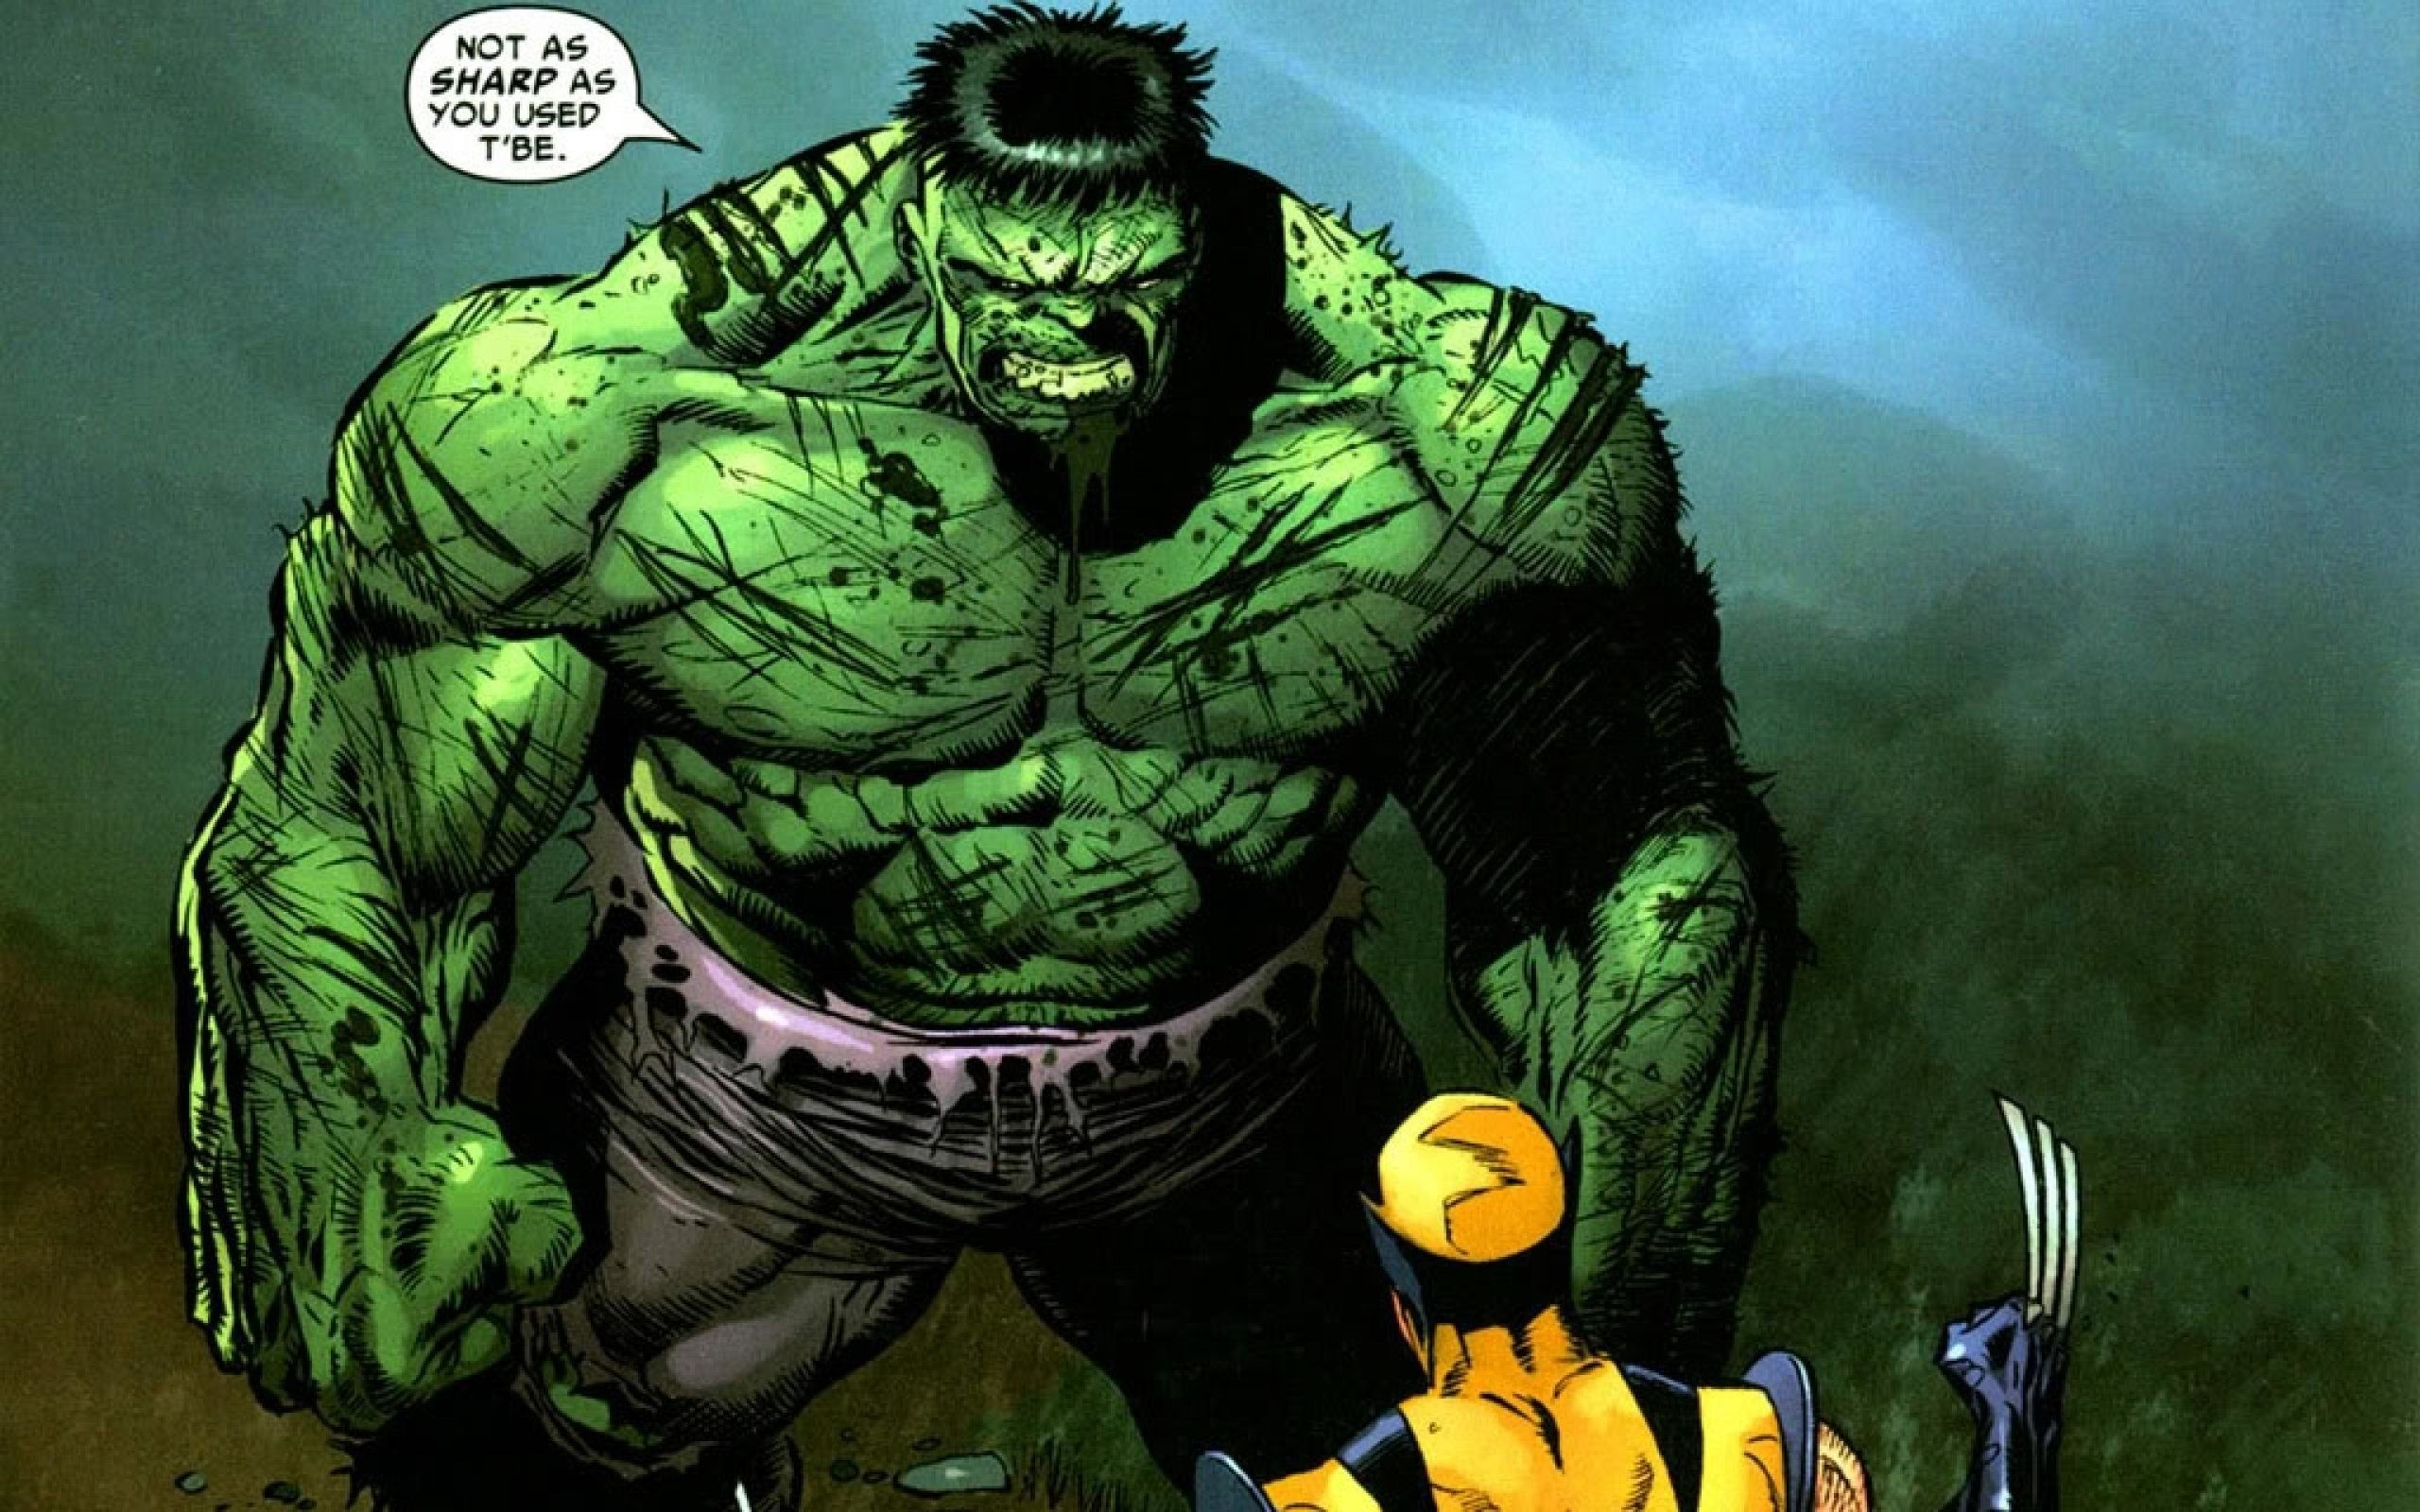 Incredible Hulk Wallpaper 2018 (58+ images)